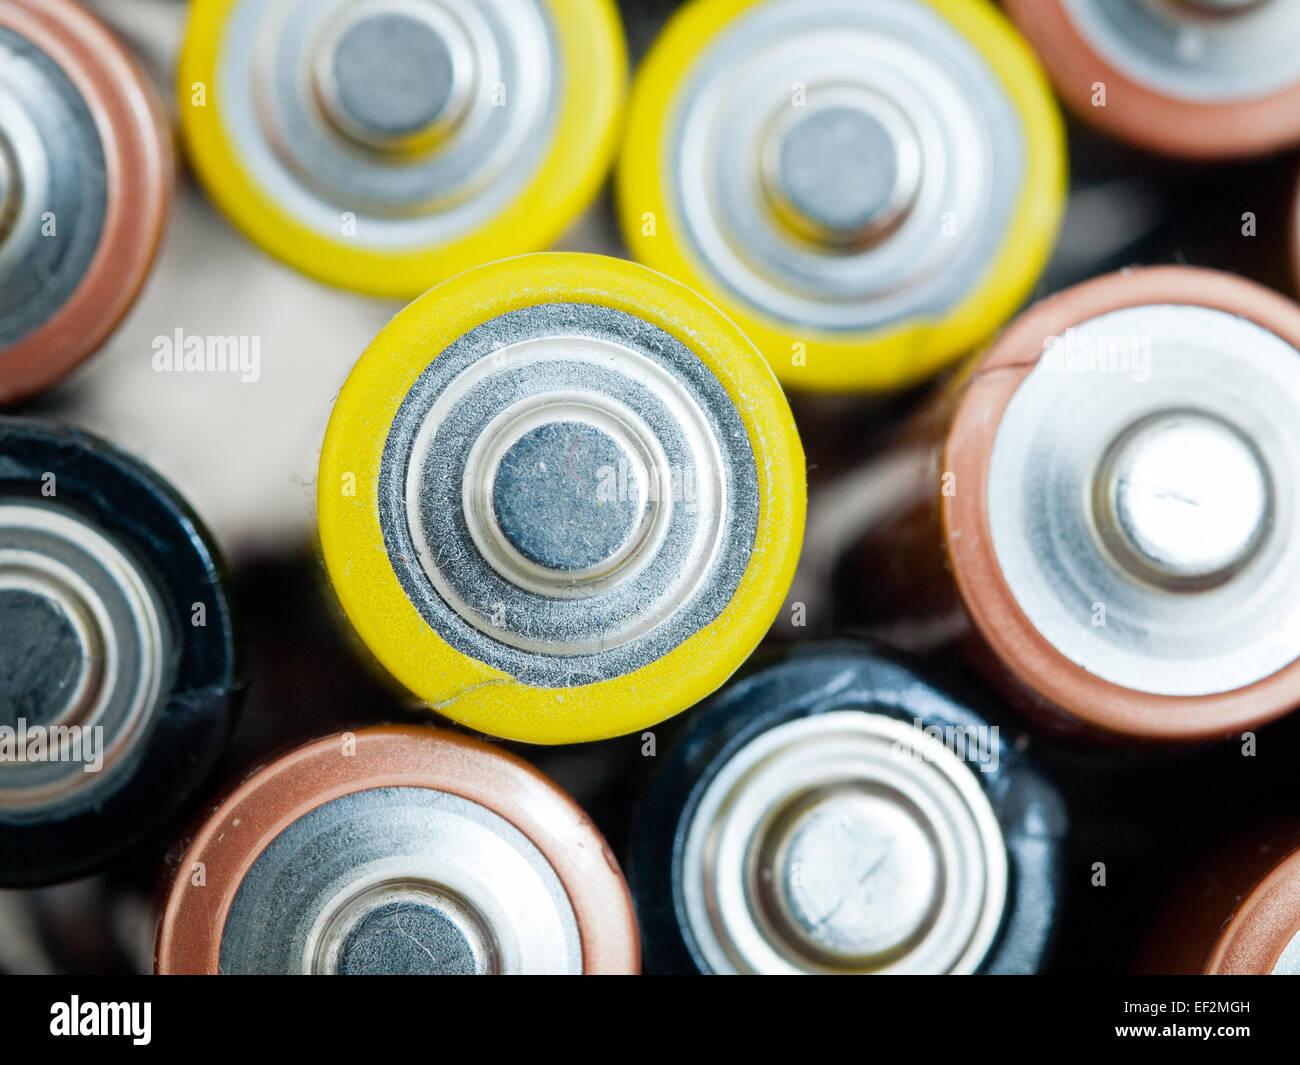 Eine Nahaufnahme von Altbatterien AA (Doppel-A) für das recycling. Stockbild